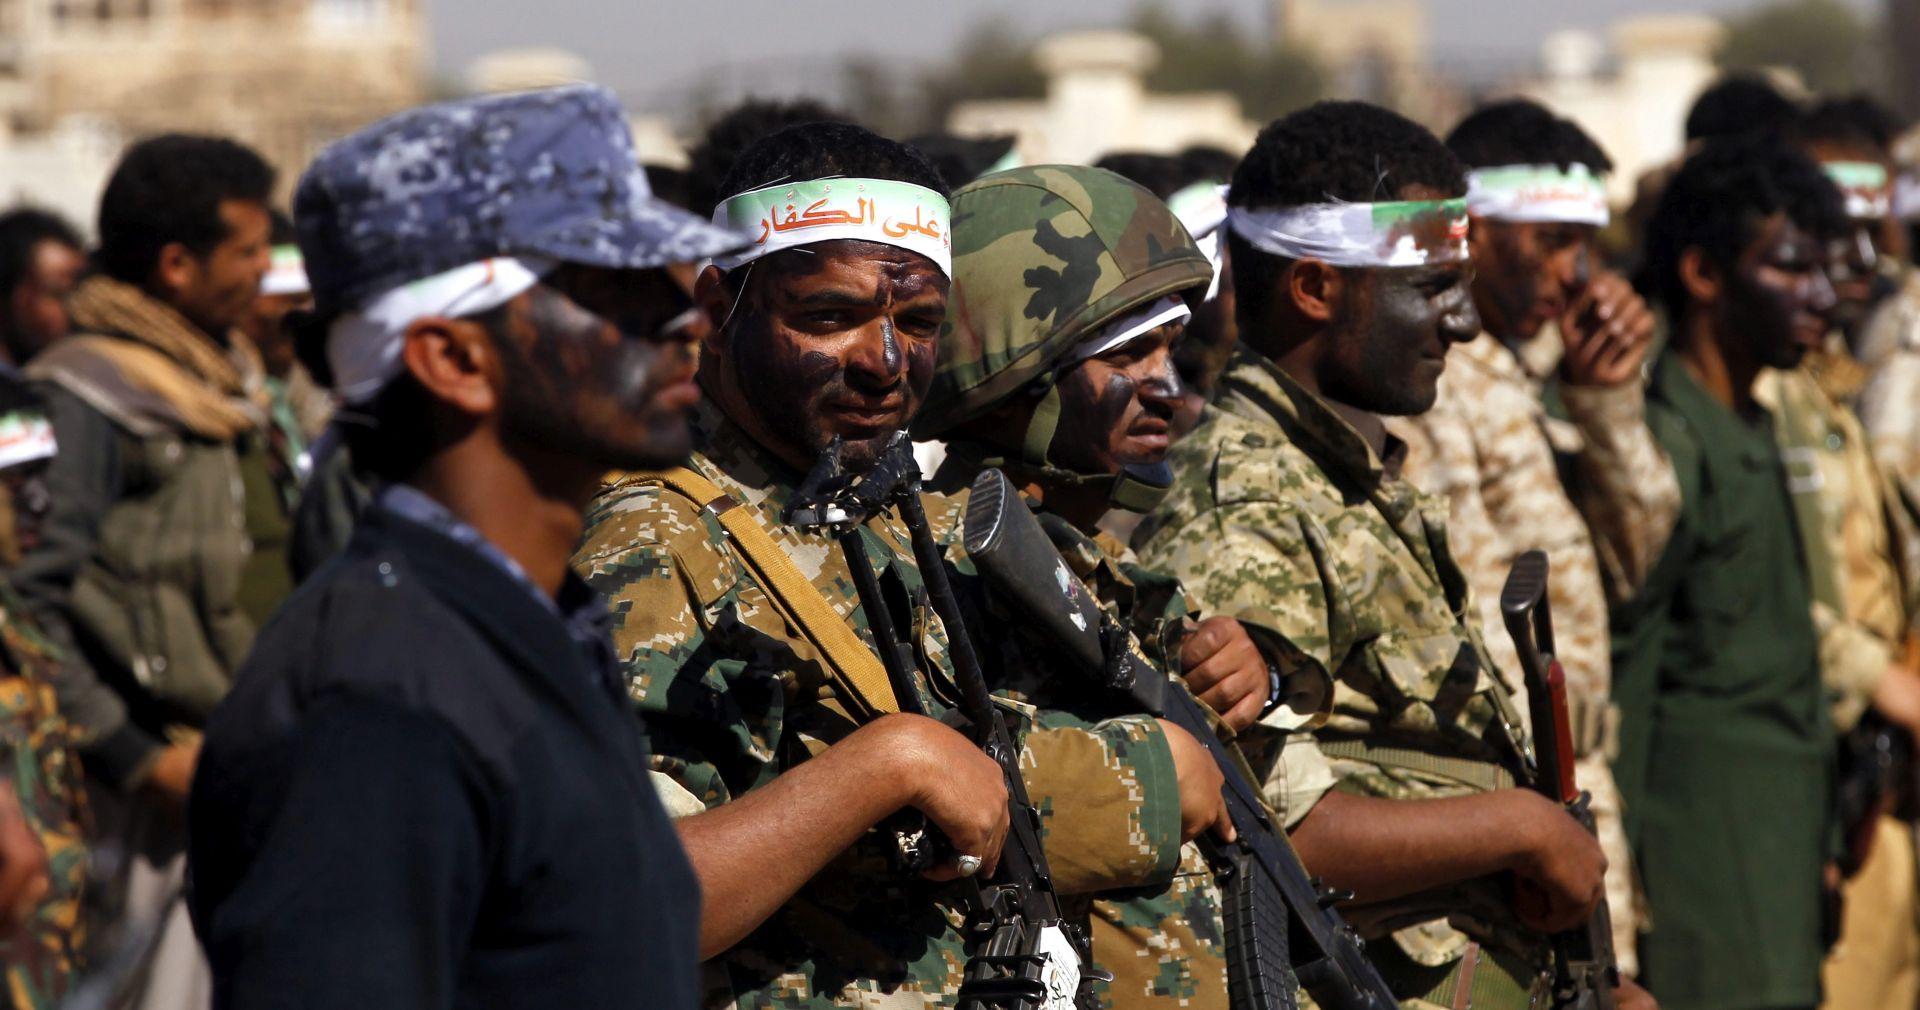 JEMEN Borbe blizu tjesnaca Bab el Mandeba, 68 mrtvih u dva dana